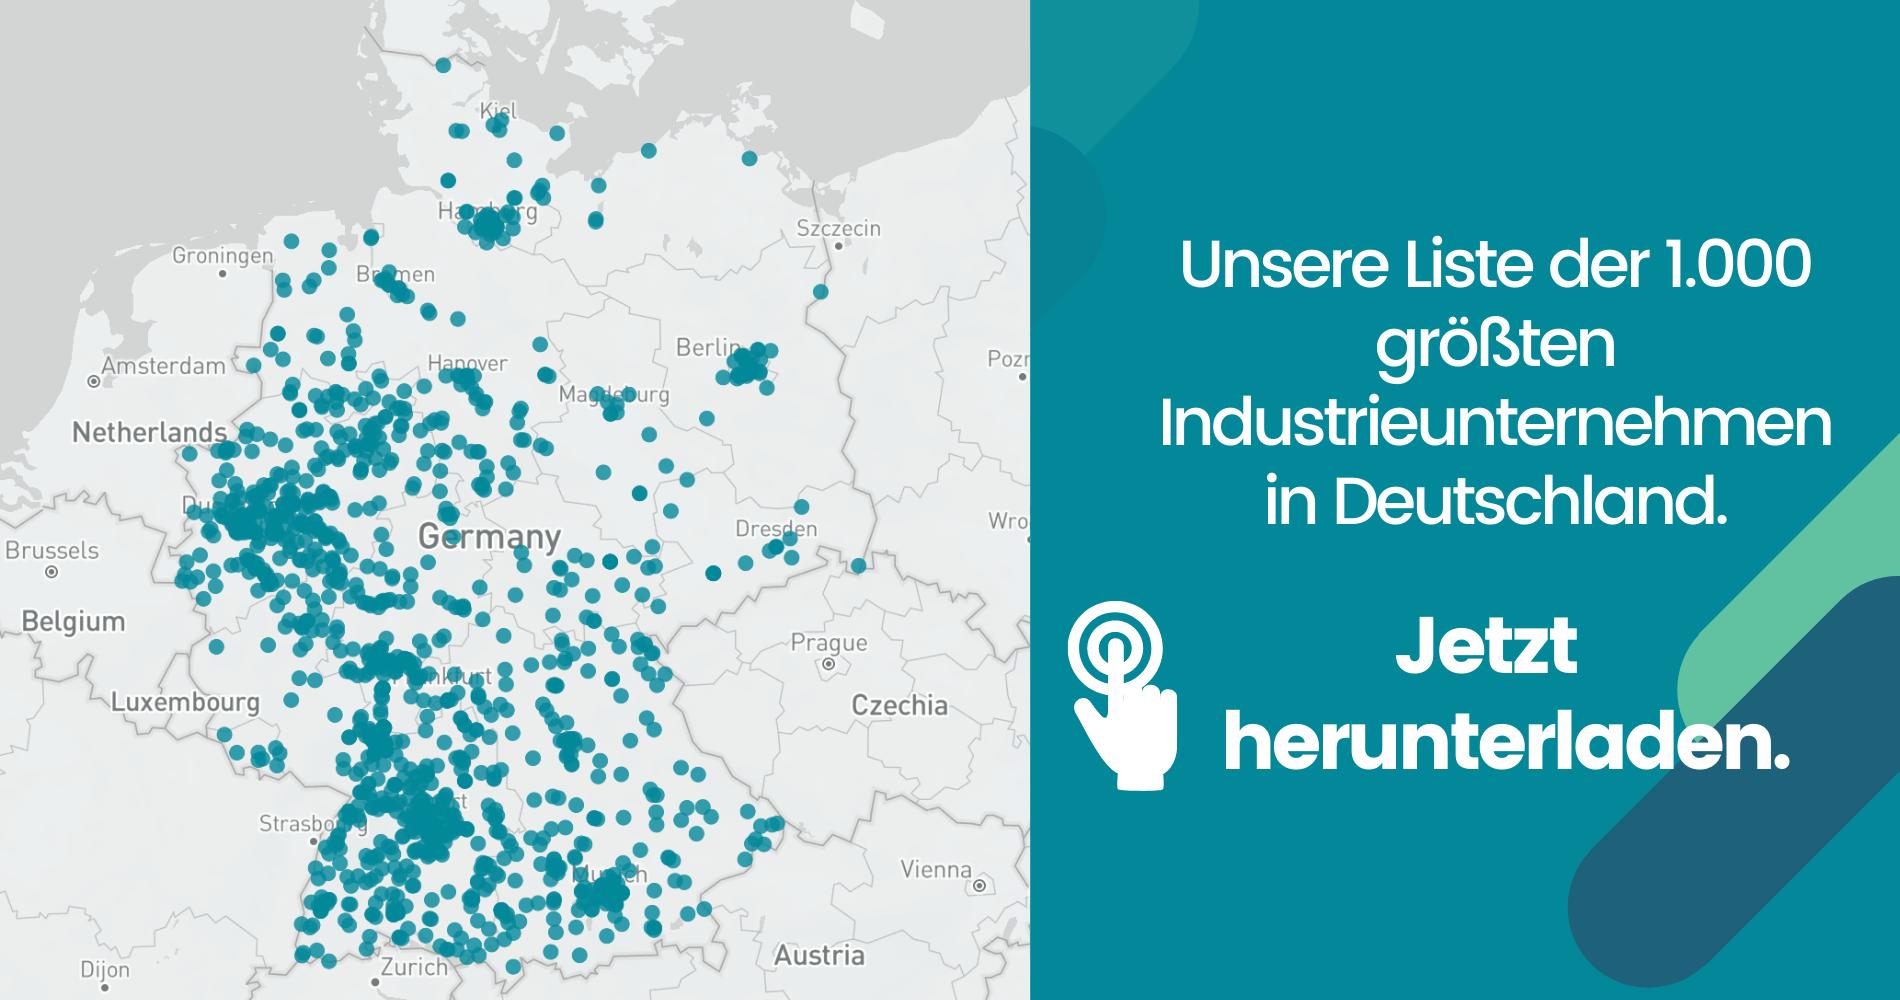 KaVo Dental GmbH: Umsatzentwicklung seit 2015